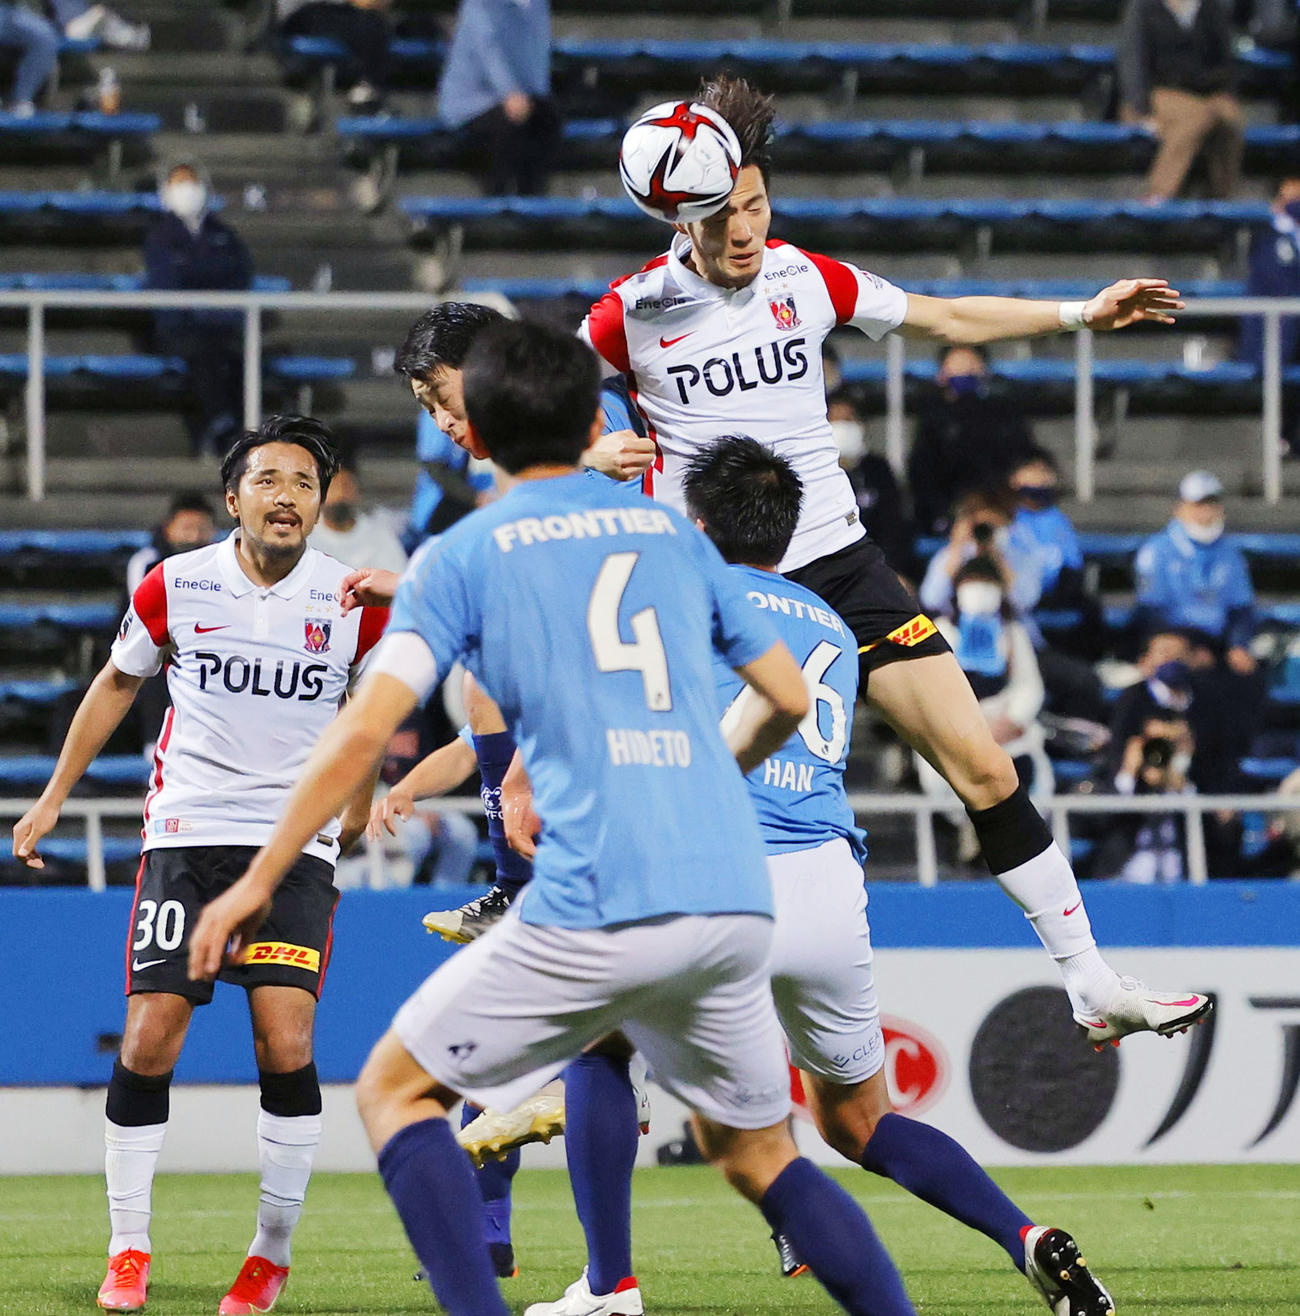 横浜FC―浦和 前半、ヘディングで同点ゴールを決める浦和・杉本(奥右端)(共同)